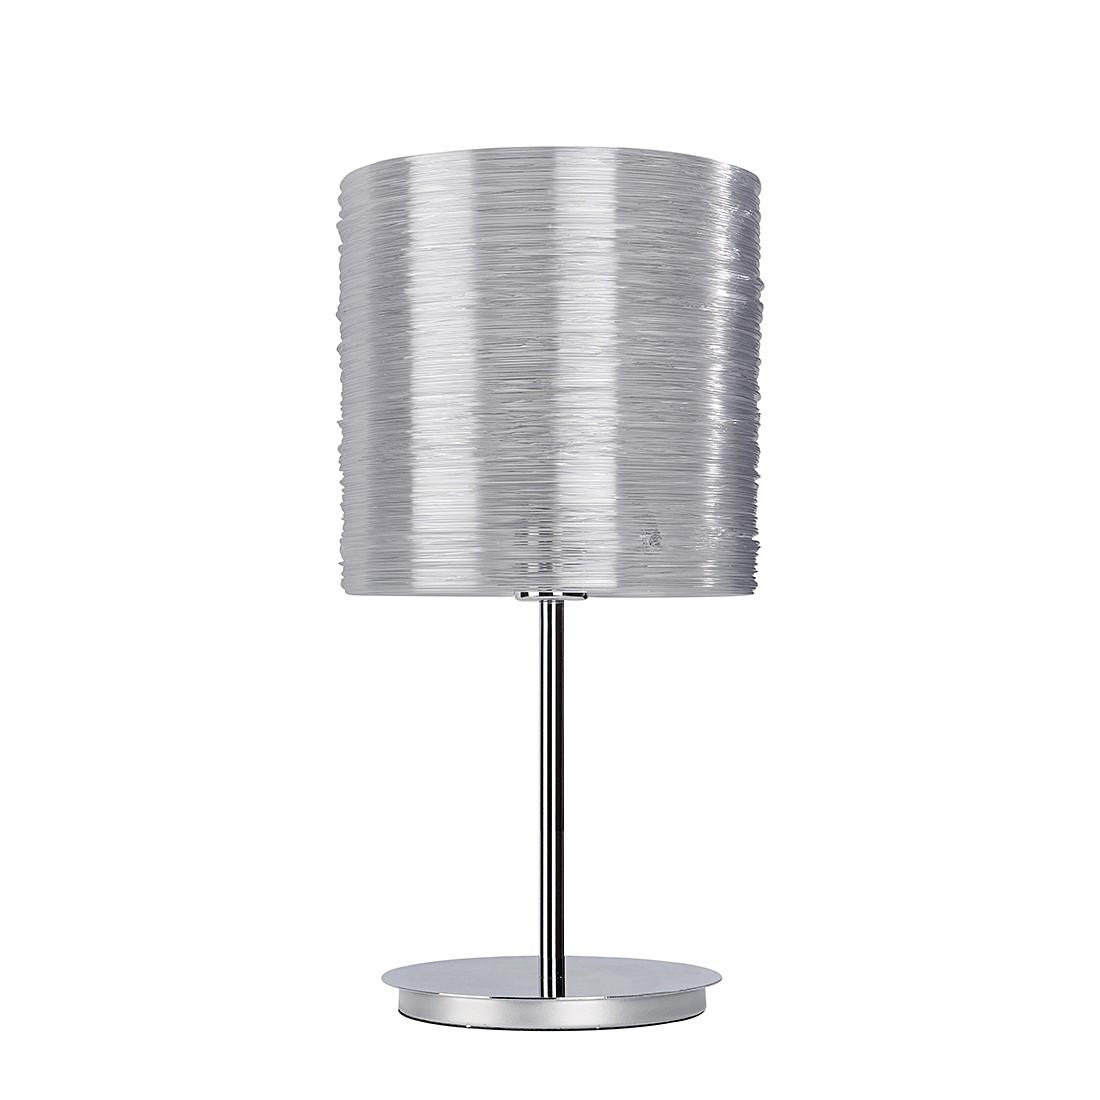 EEK A++, Tischleuchte Bright - Silber - 1-flammig, Sompex